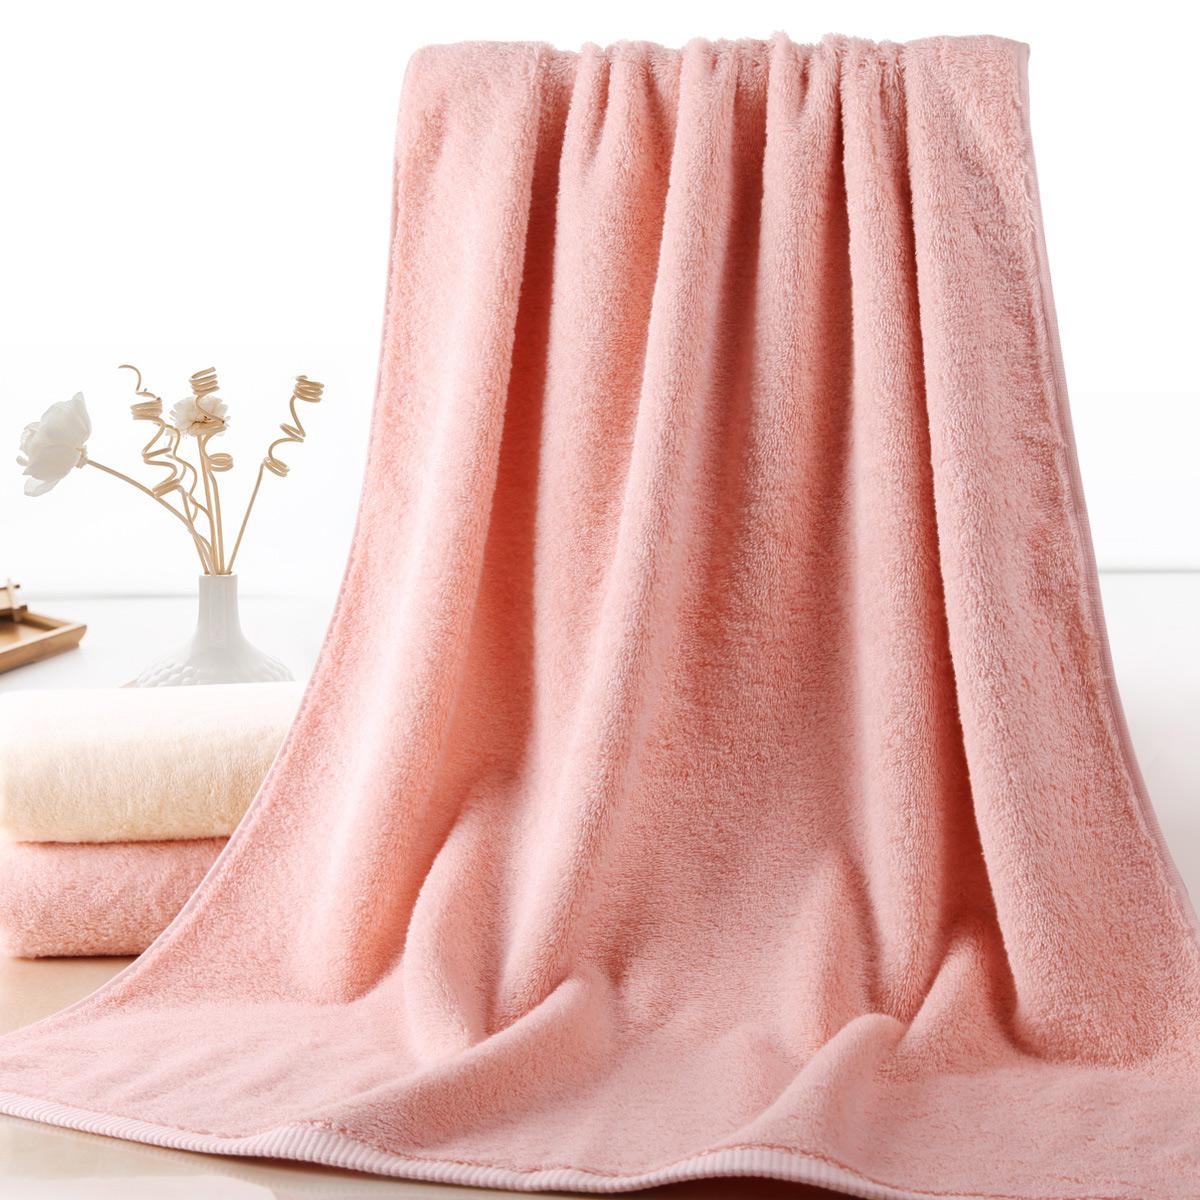 日本内野阿瓦提长绒棉加厚浴巾540g 70*140cm